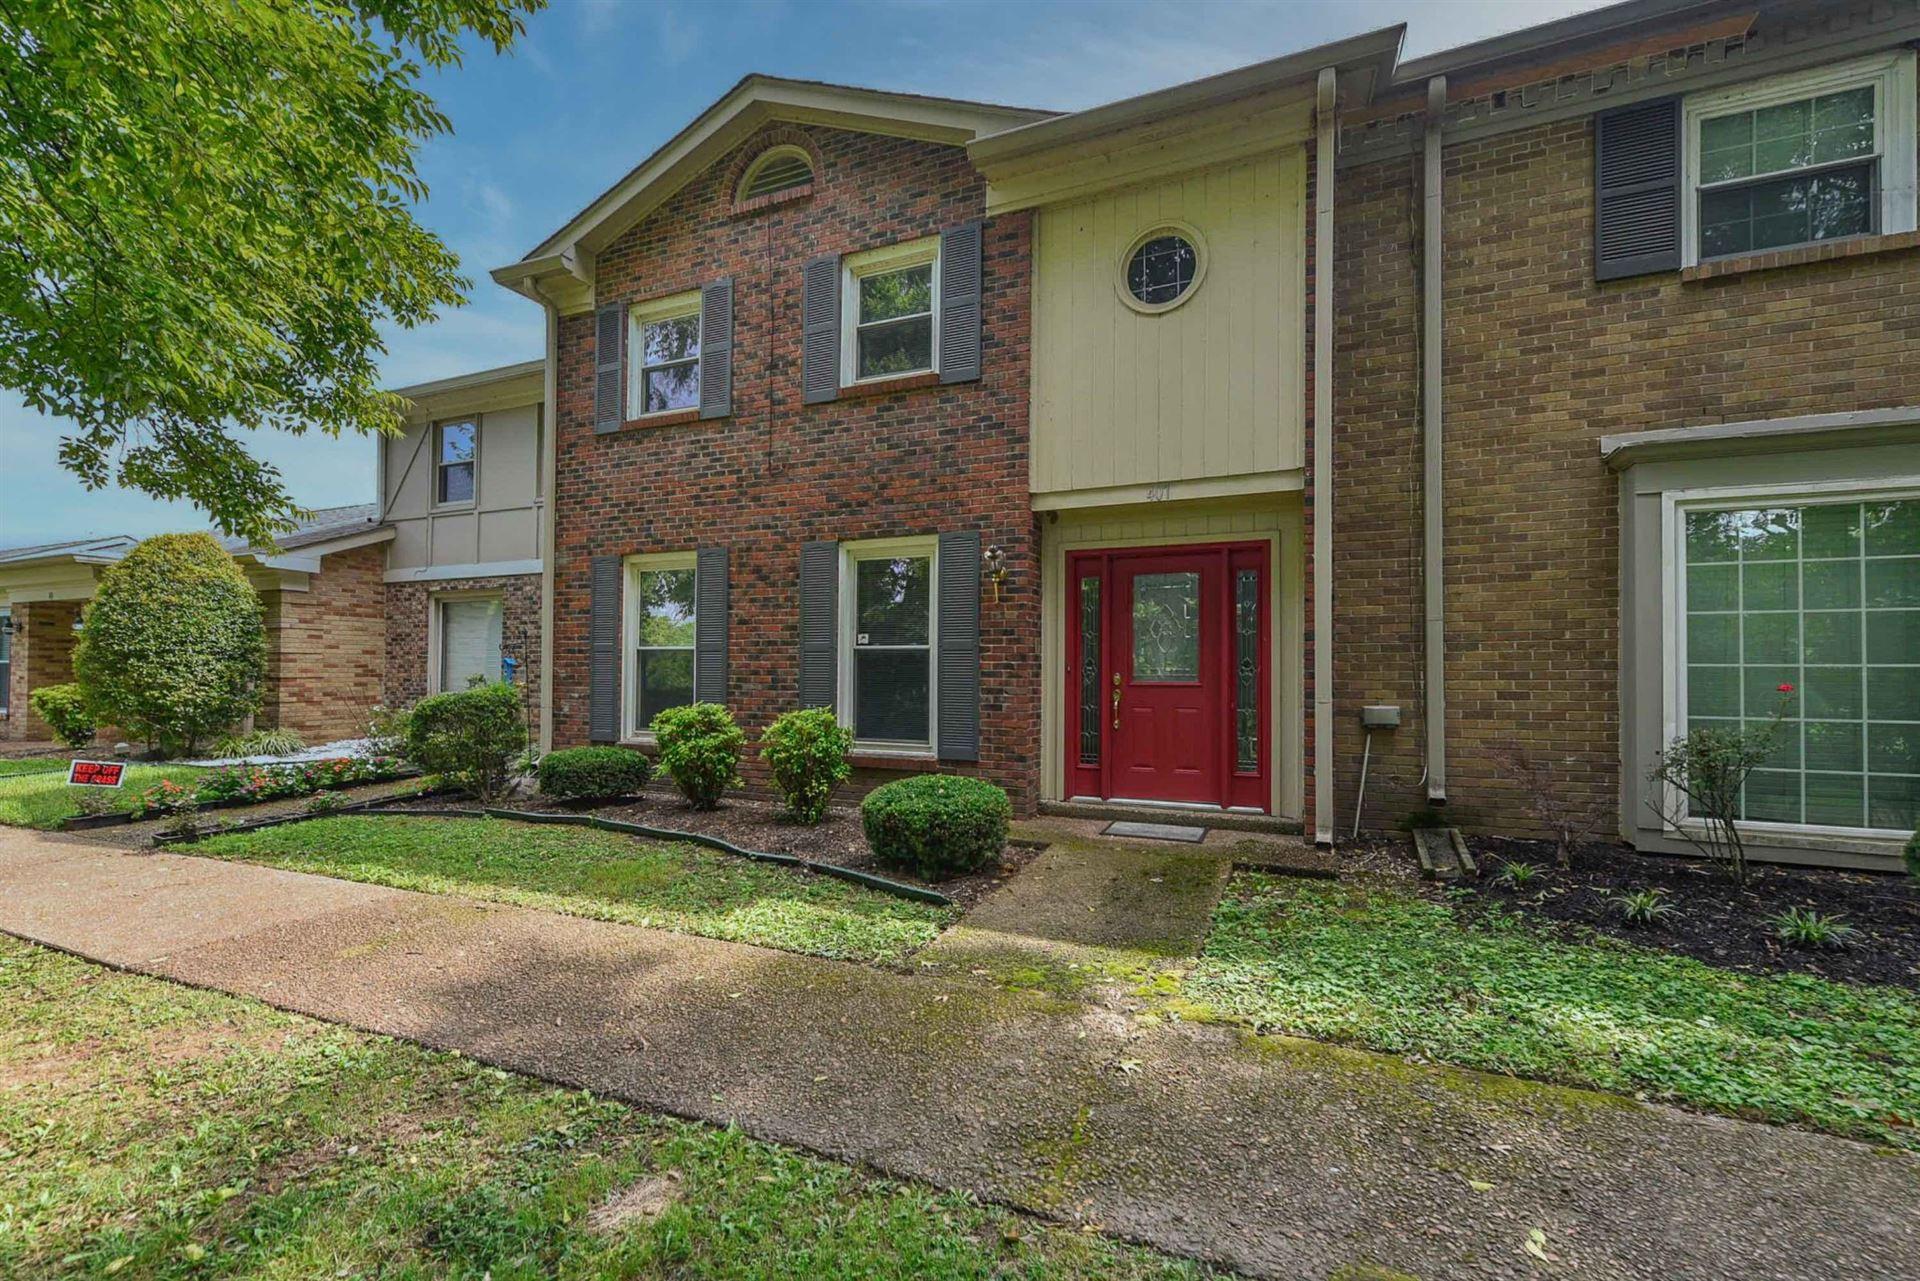 407 Plantation Ct, Nashville, TN 37221 - MLS#: 2274426